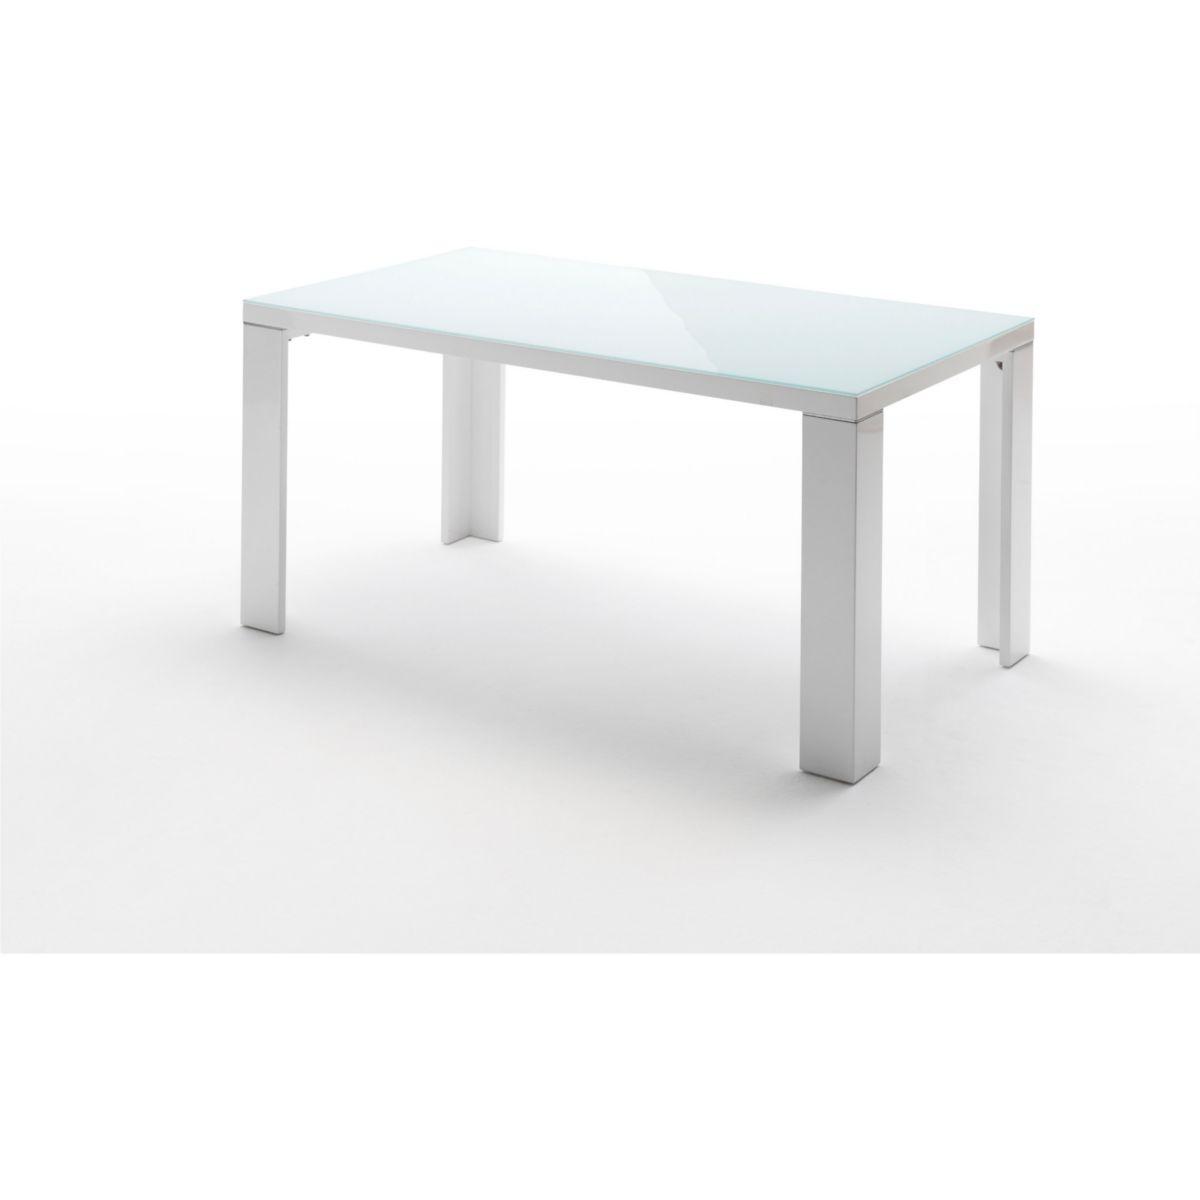 Esstisch 180 x 90 cm weiss hochglanz/ Glas jetztbilligerkaufen